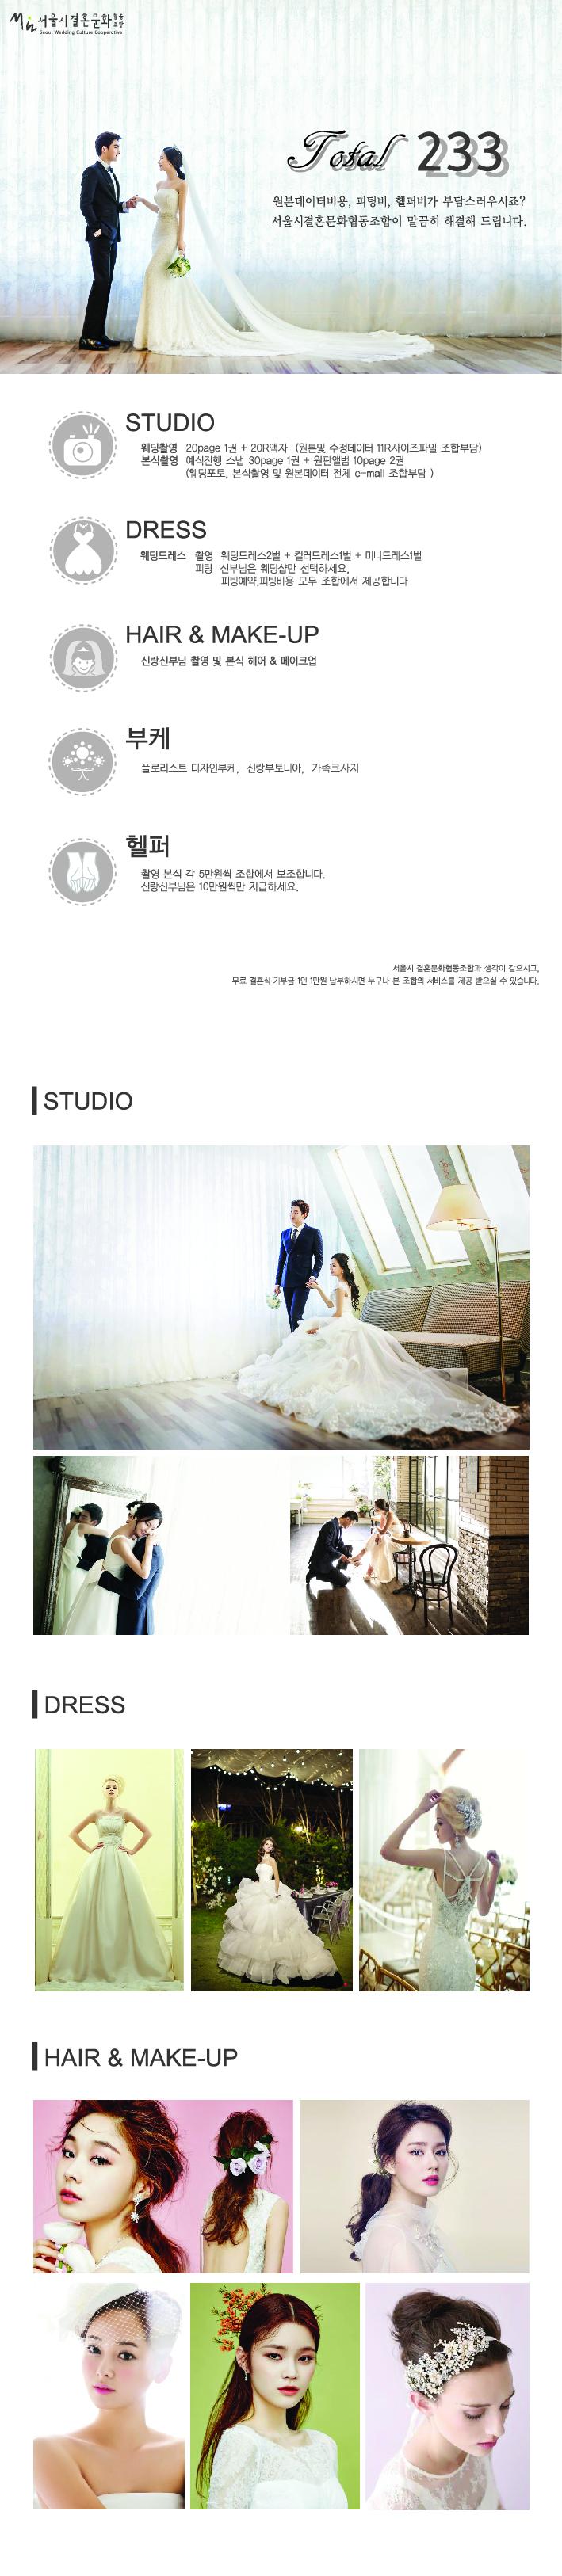 233패키지.jpg : 삼일교회에서 결혼을 앞두고 계신 예비부부님께 알려드립니다.